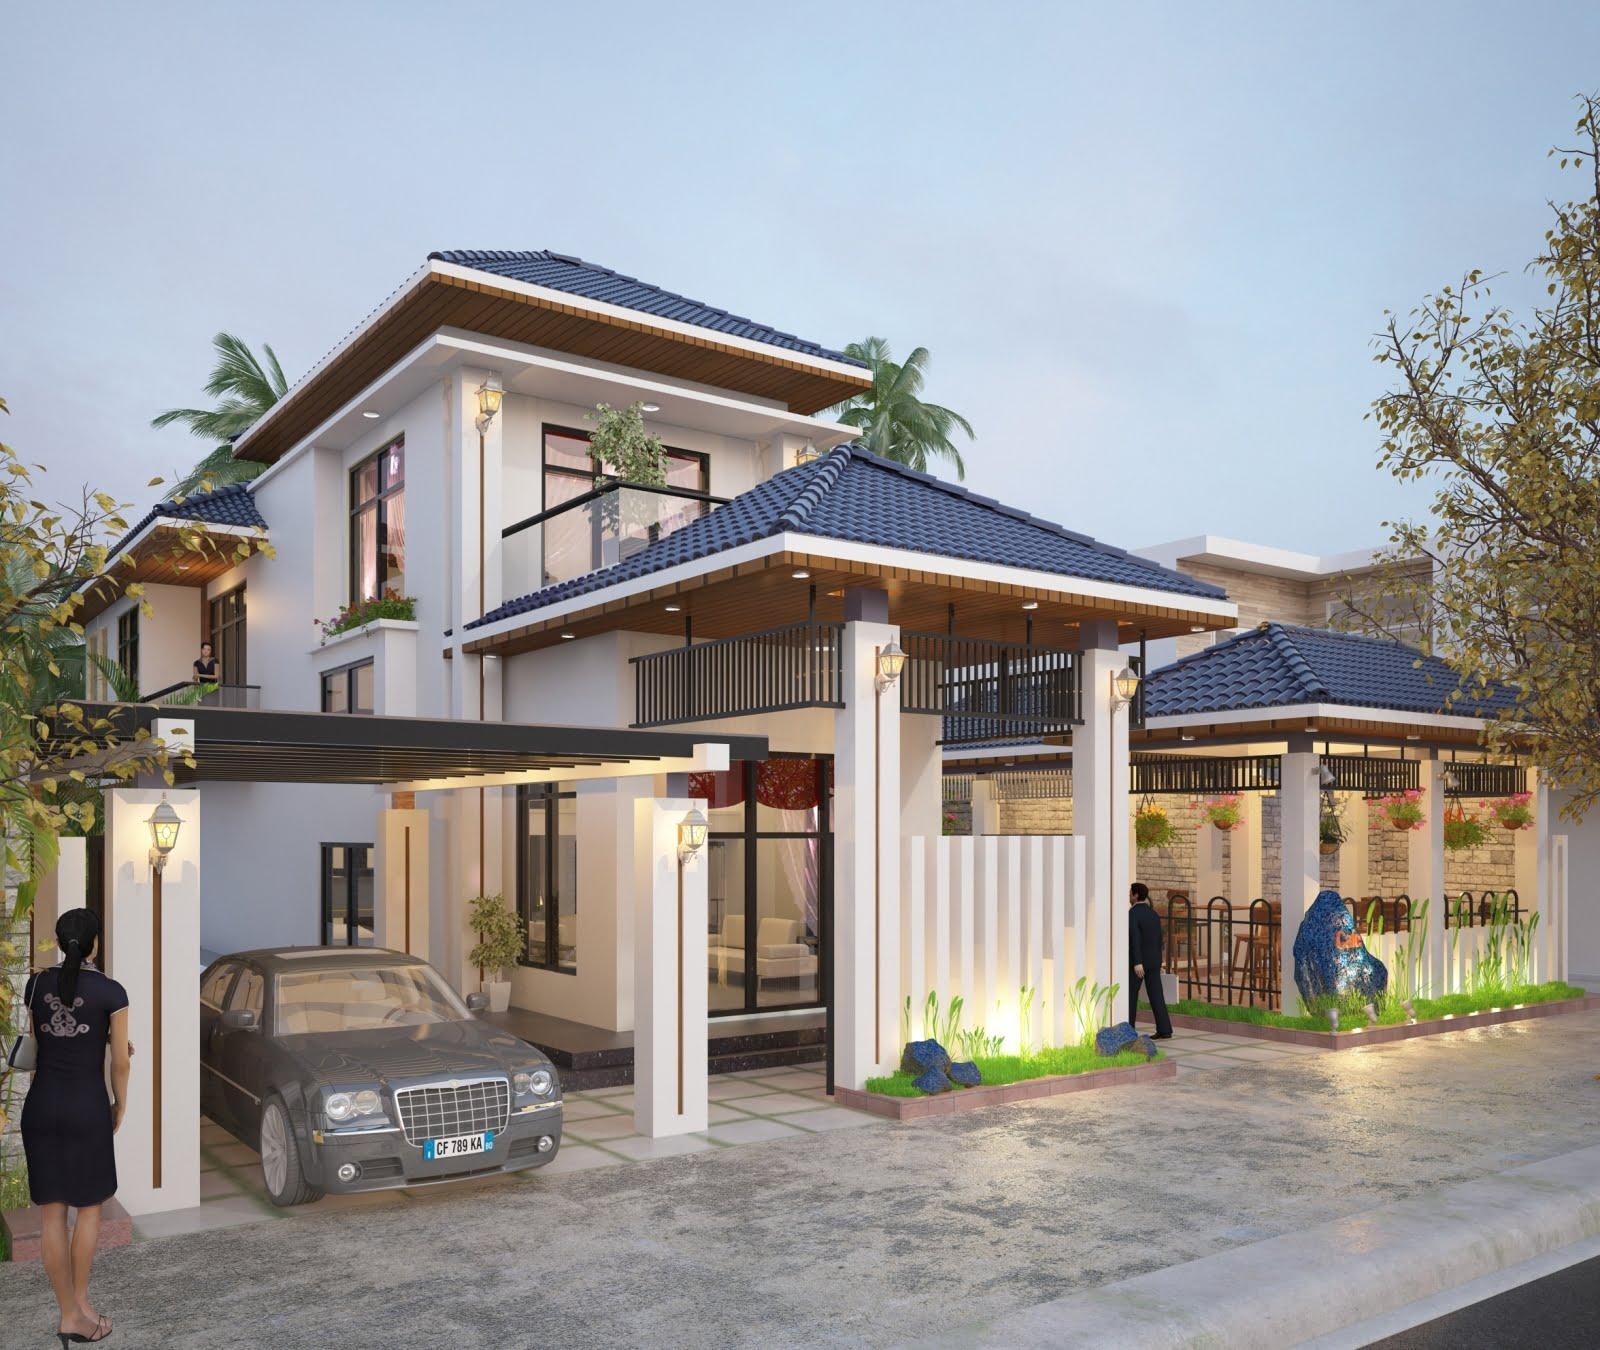 mẫu thiết kế biệt thự nhà vườn đẹp 9